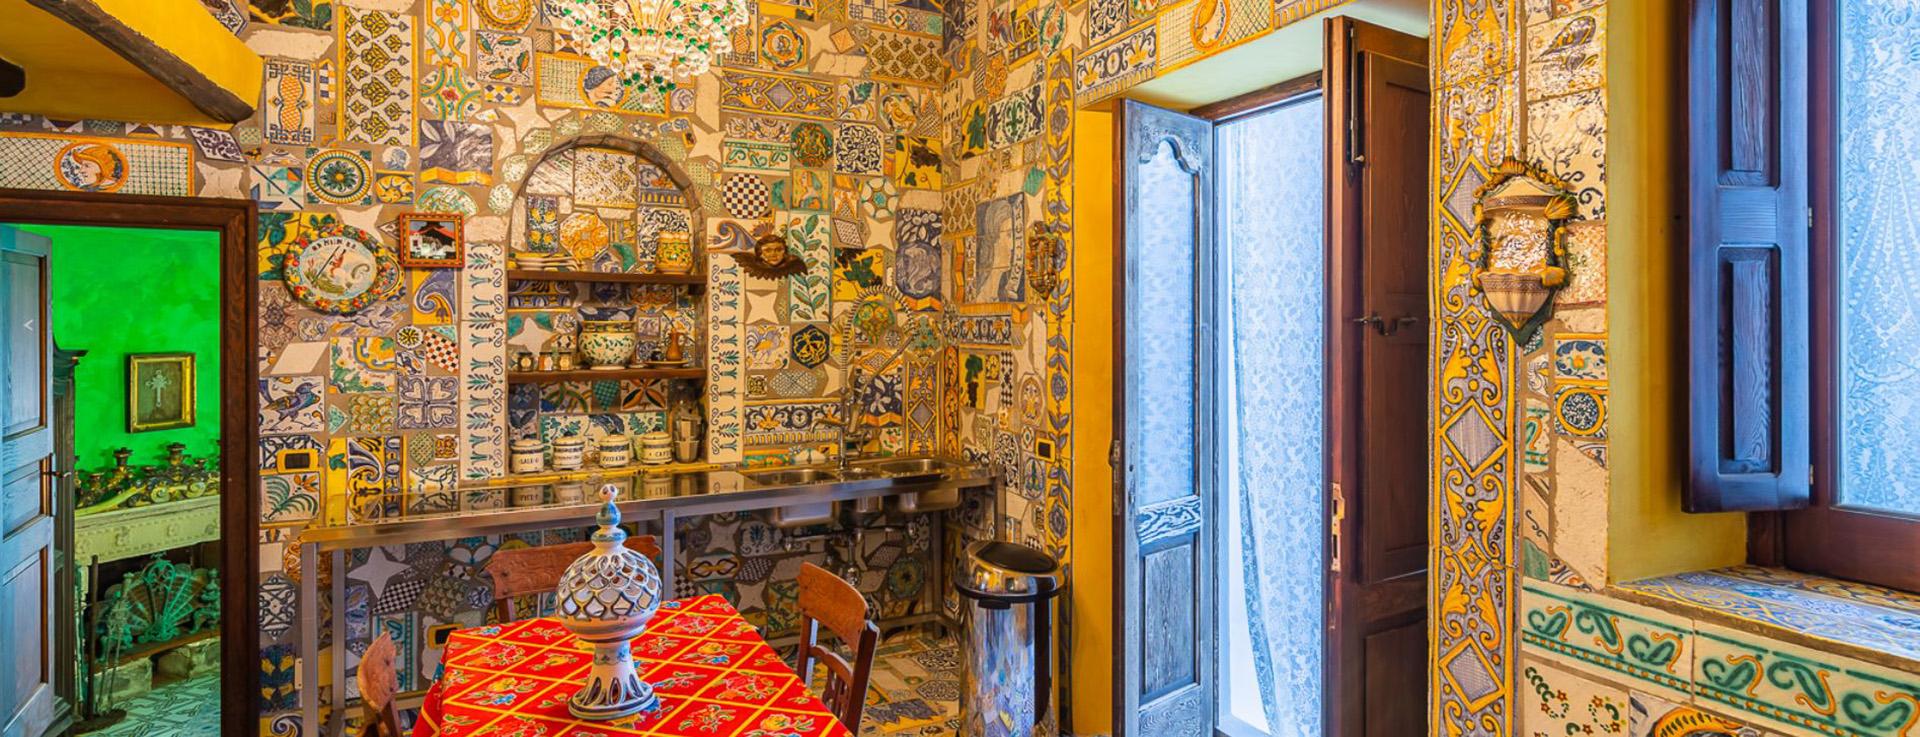 Los objetos refinados producidos por artesanos locales y cortinas de encaje se lucen en el interior de la casa, mientras que la cerámica esmaltada italiana pintada a mano y muy colorida adorna las paredes y los pisos de toda la propiedad